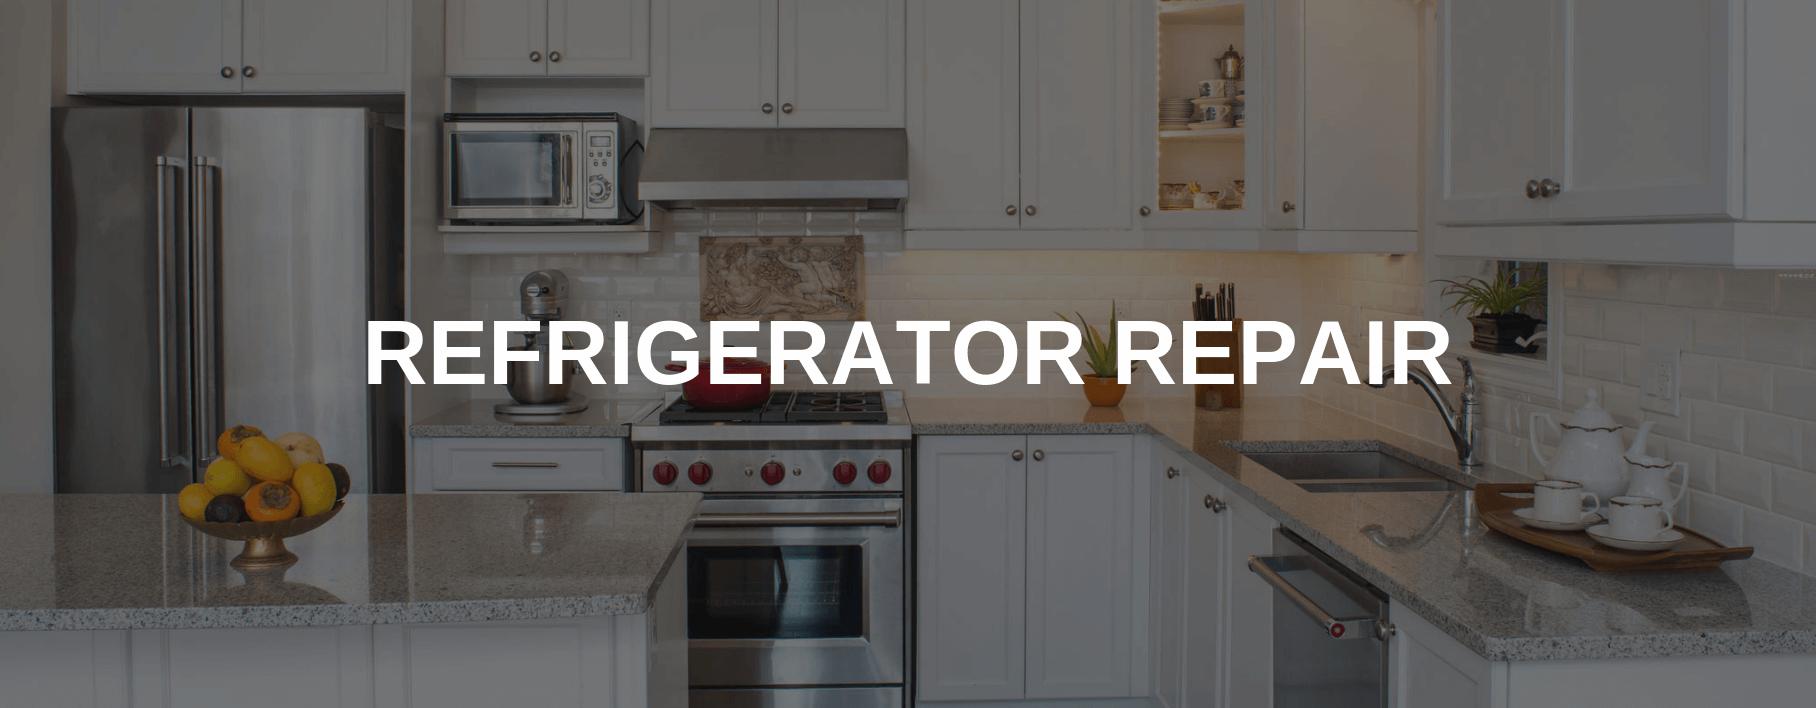 brentwood refrigerator repair